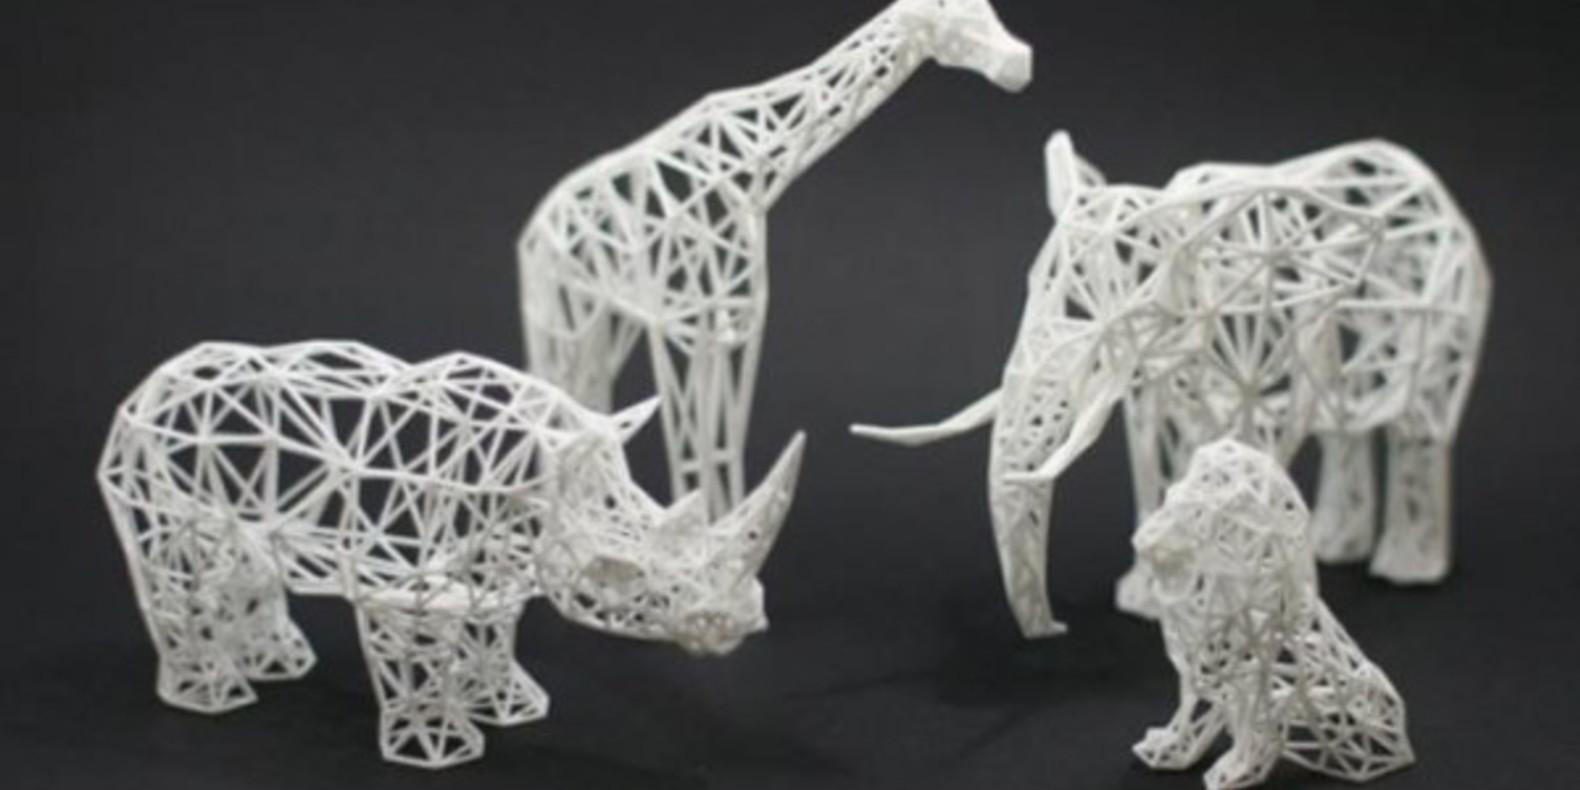 xyz workshop fichier 3D impression 3D createur design cults 3D Elena Low Kae Woei Lim 2